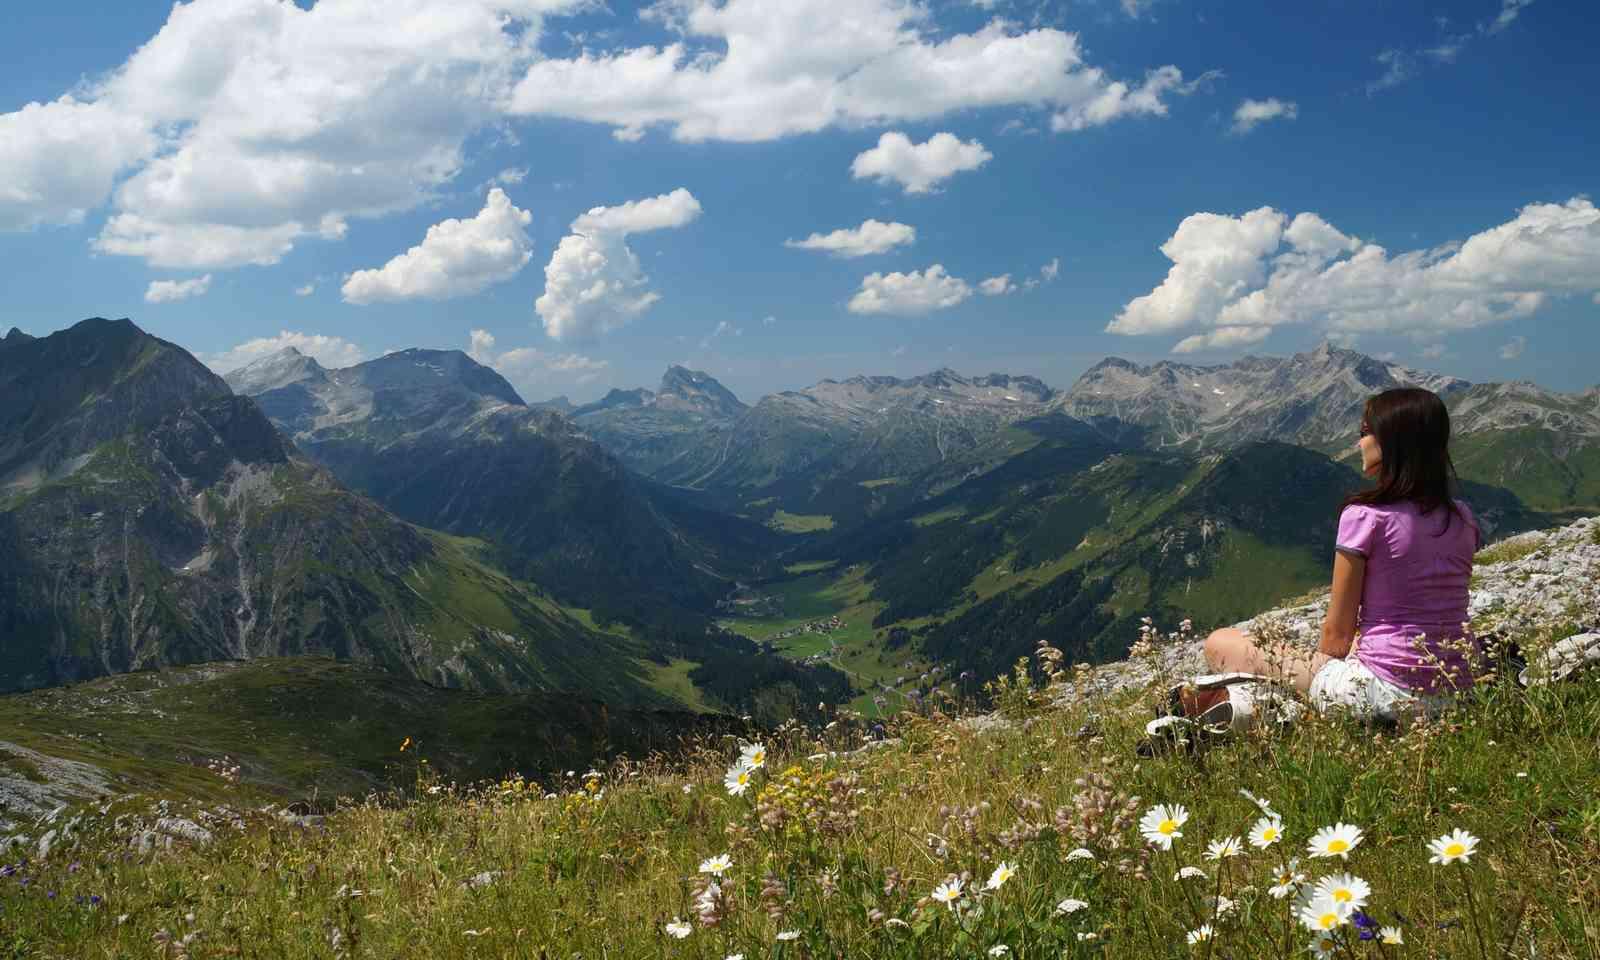 Woman resting in an Alpine meadow (Dreamstime)